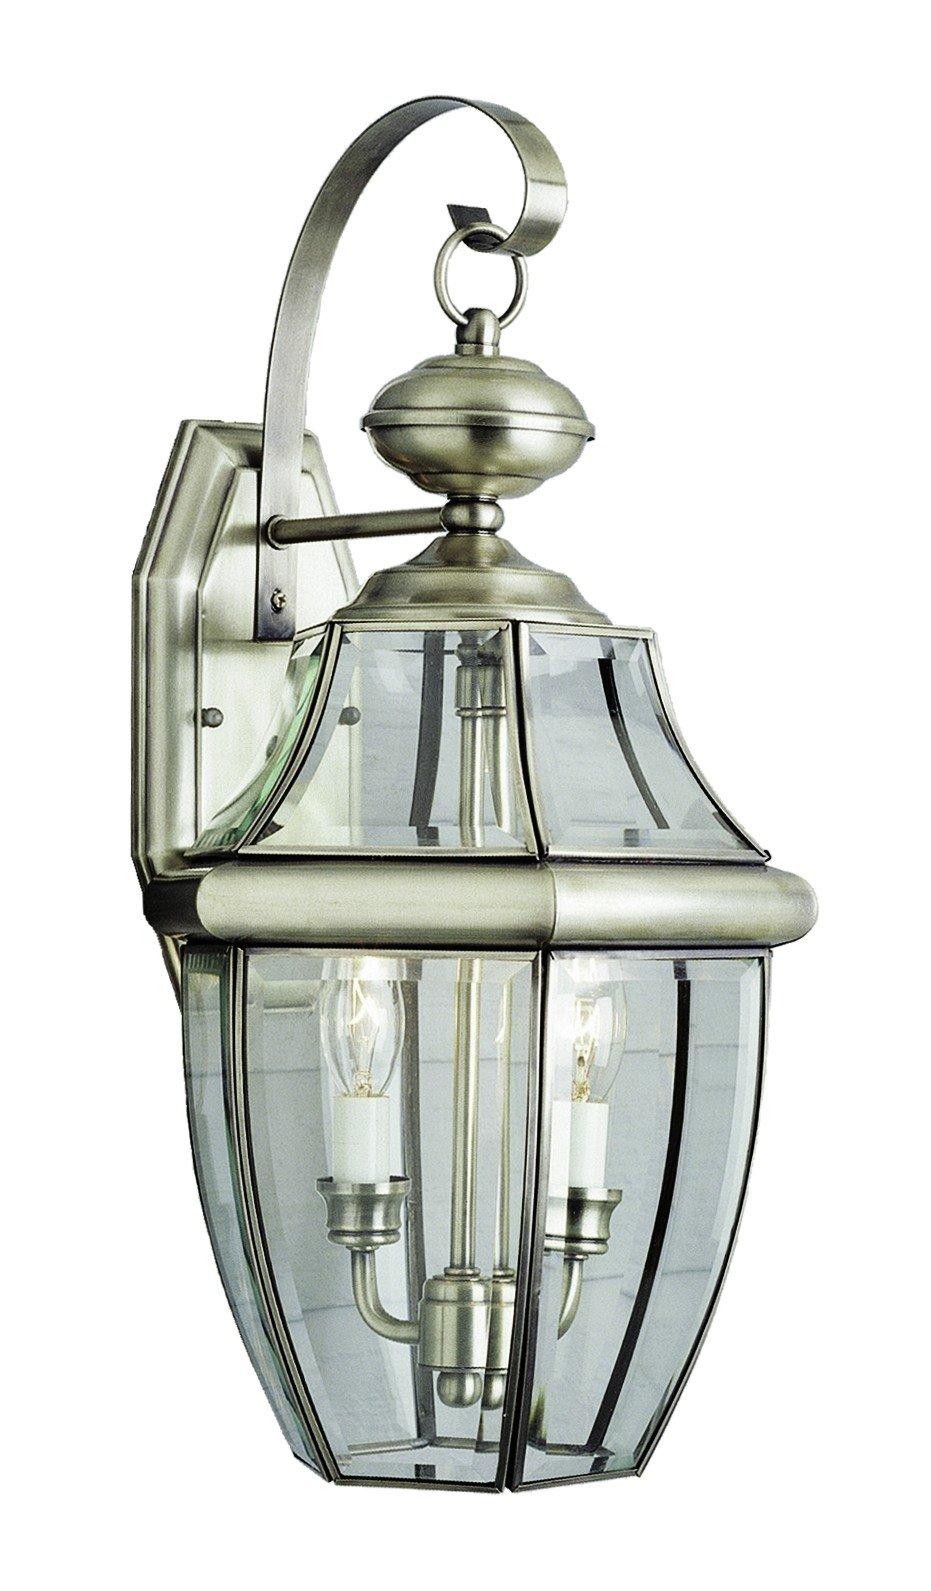 Trans Globe Lighting 4320 BN Outdoor Courtyard 20.5'' Wall Lantern, Brushed Nickel